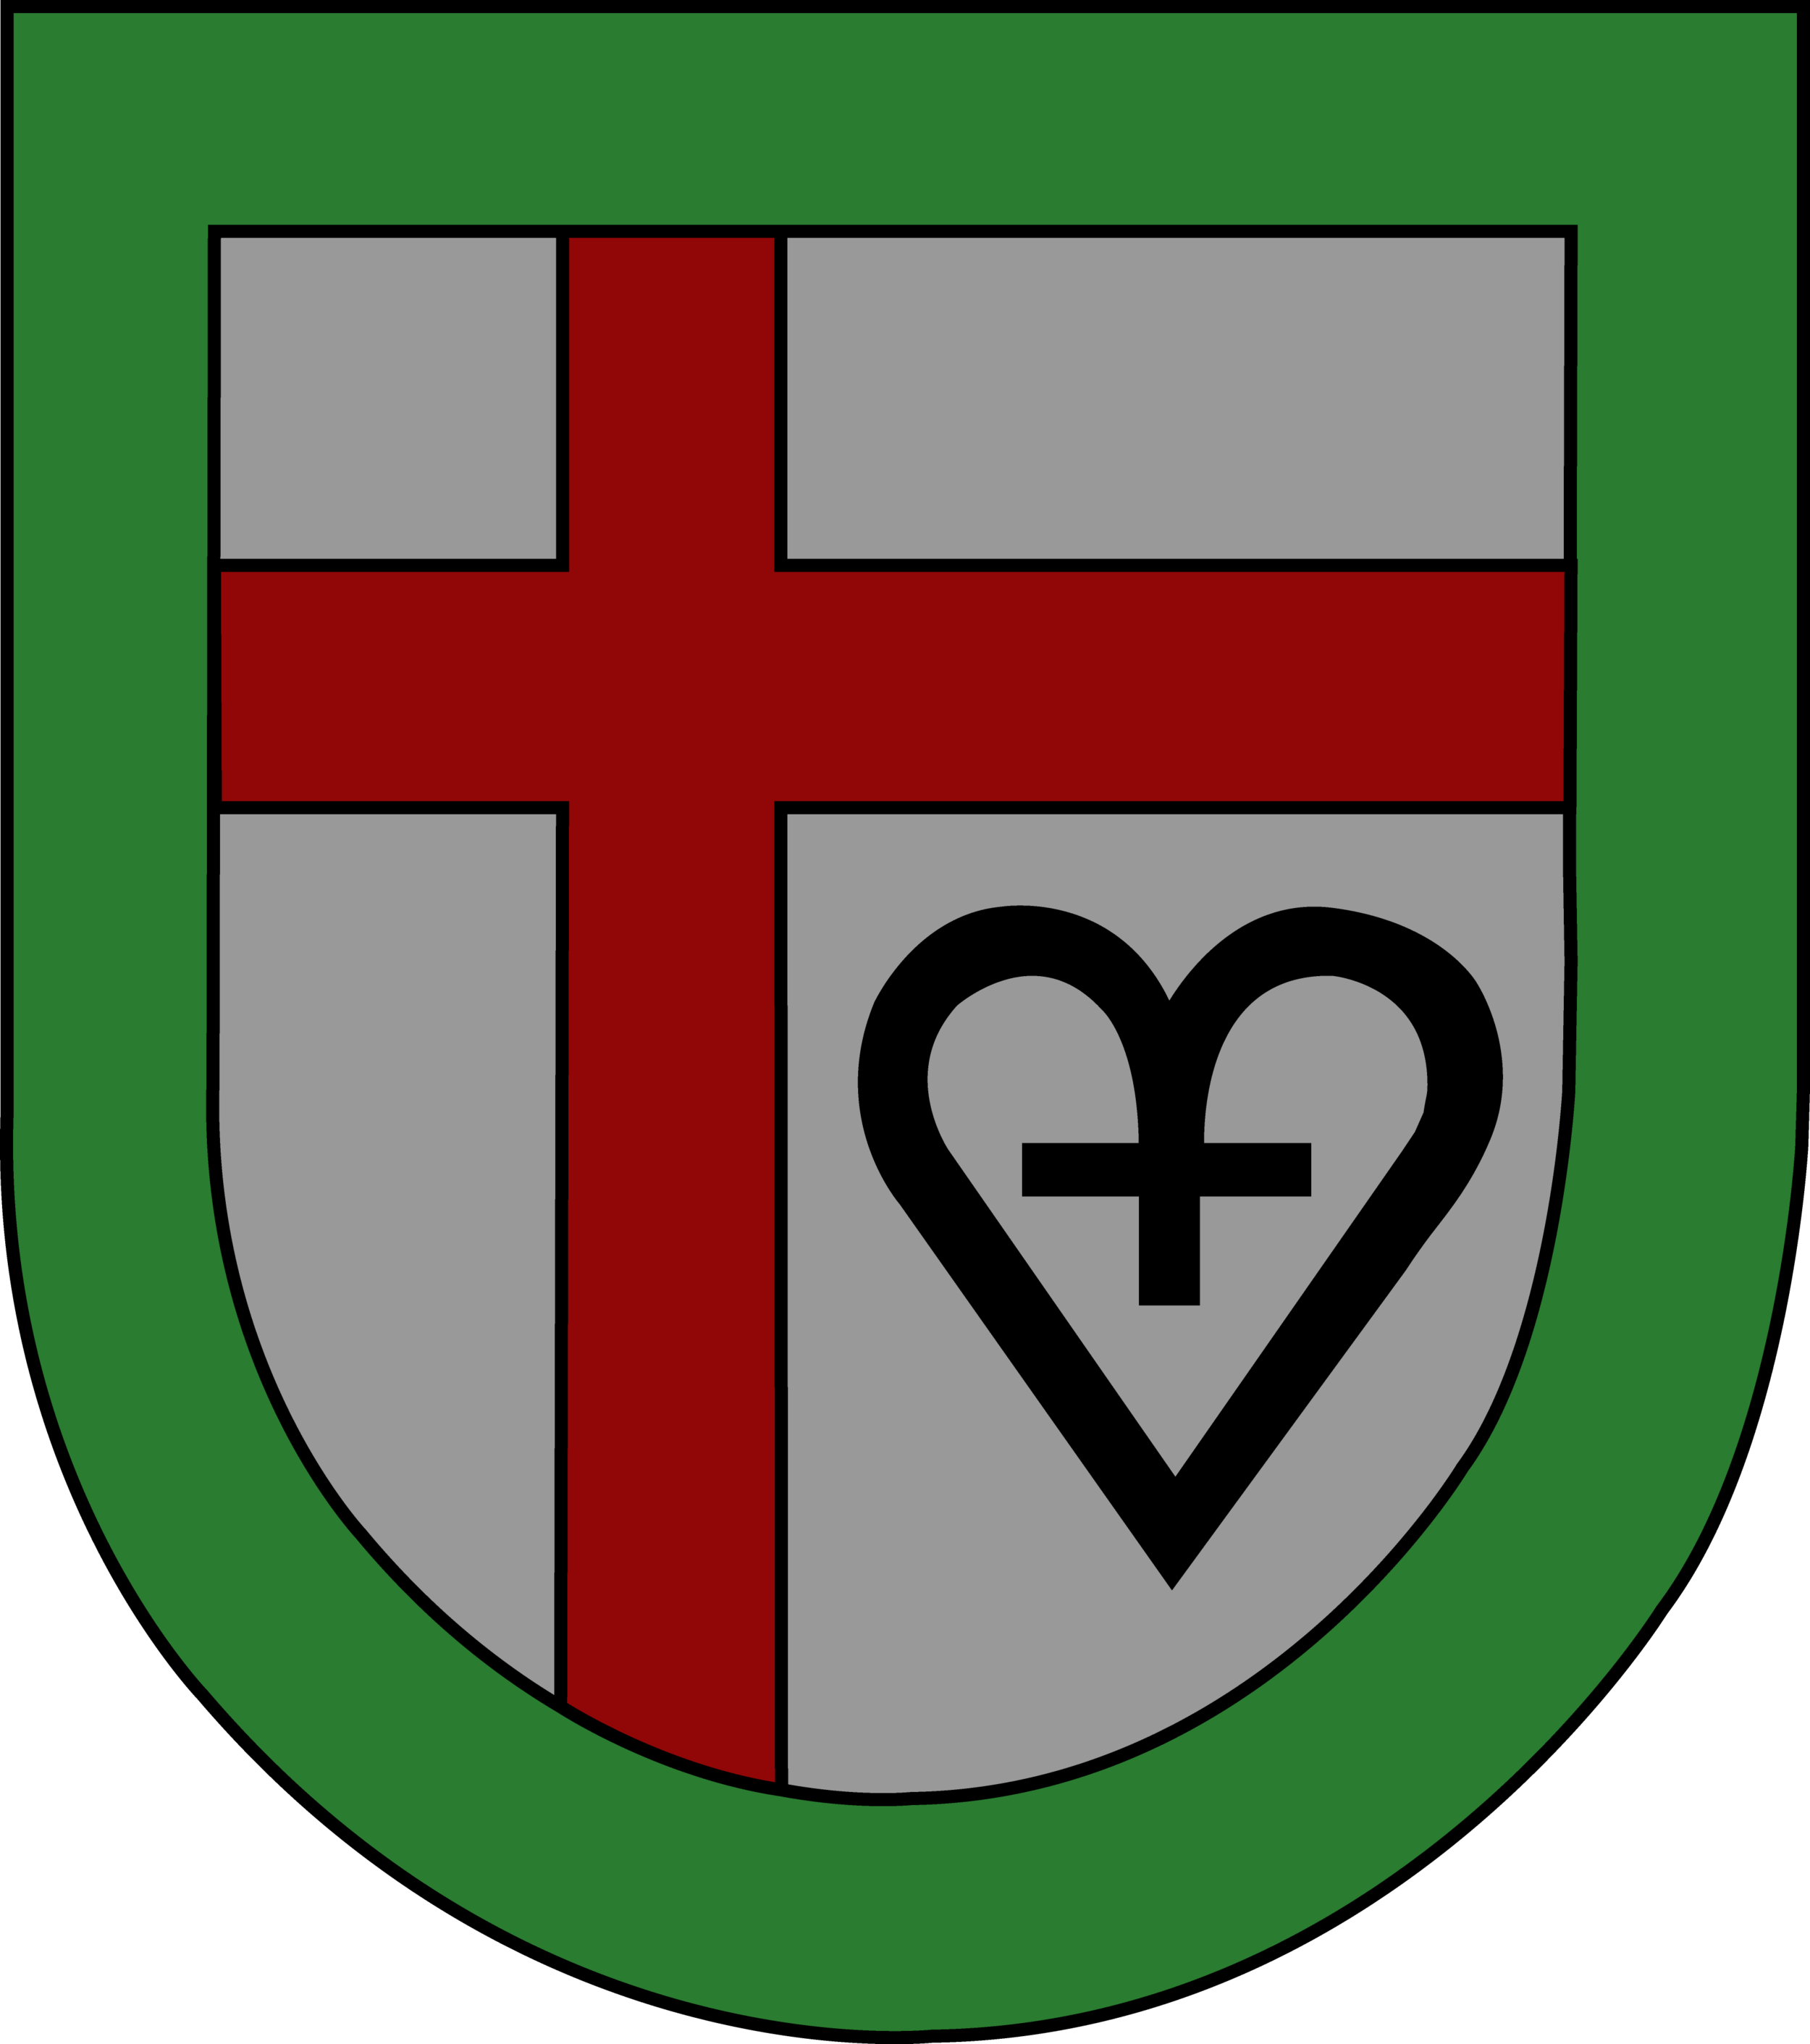 Wappen der Ortsgemeinde Berglicht